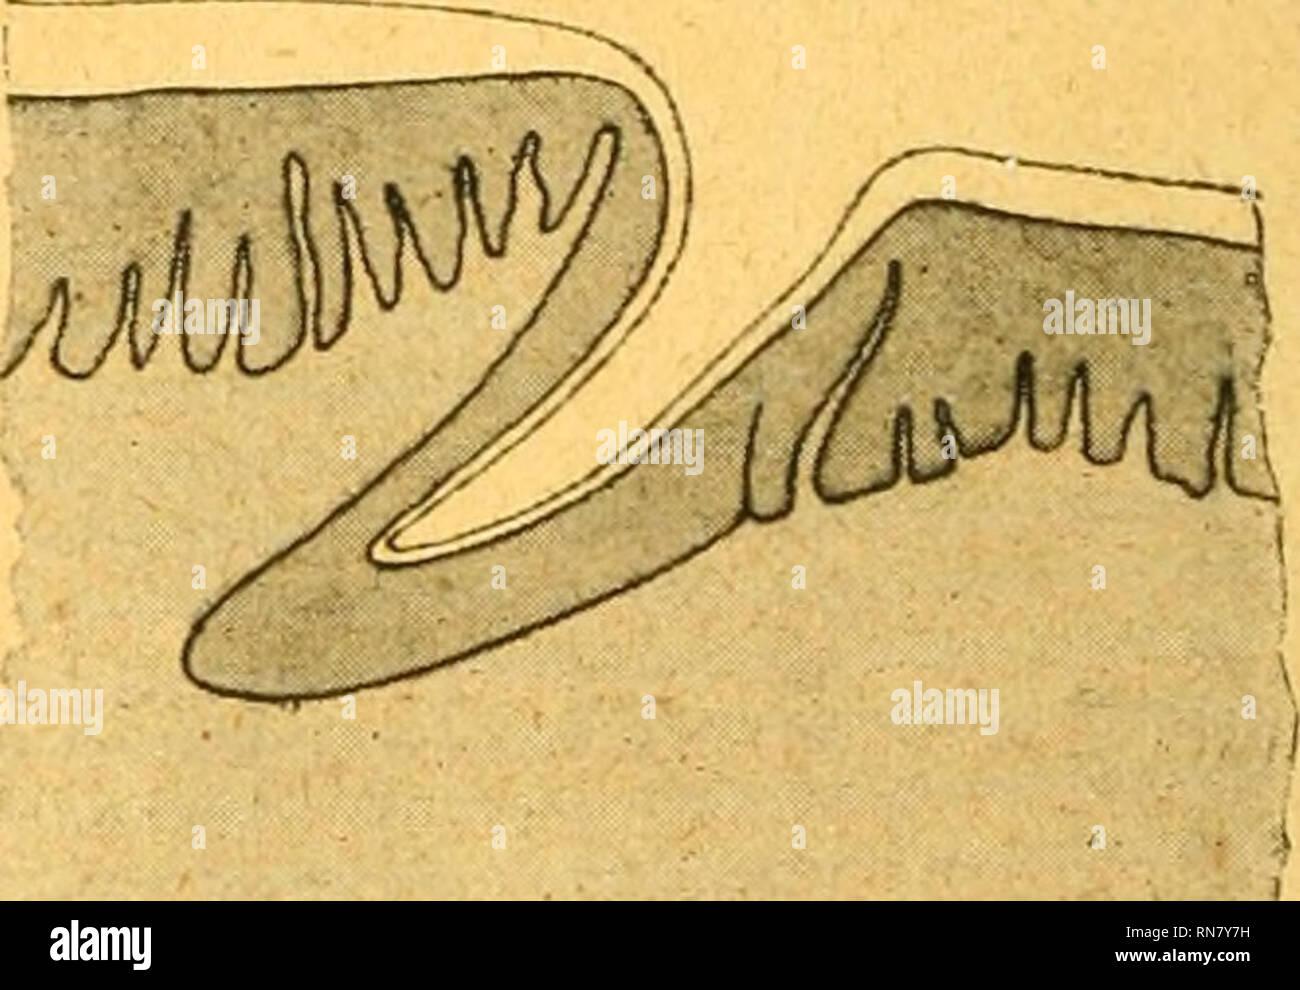 Anatomischer Anzeiger Anatomy Comparative Anatomy Comparative